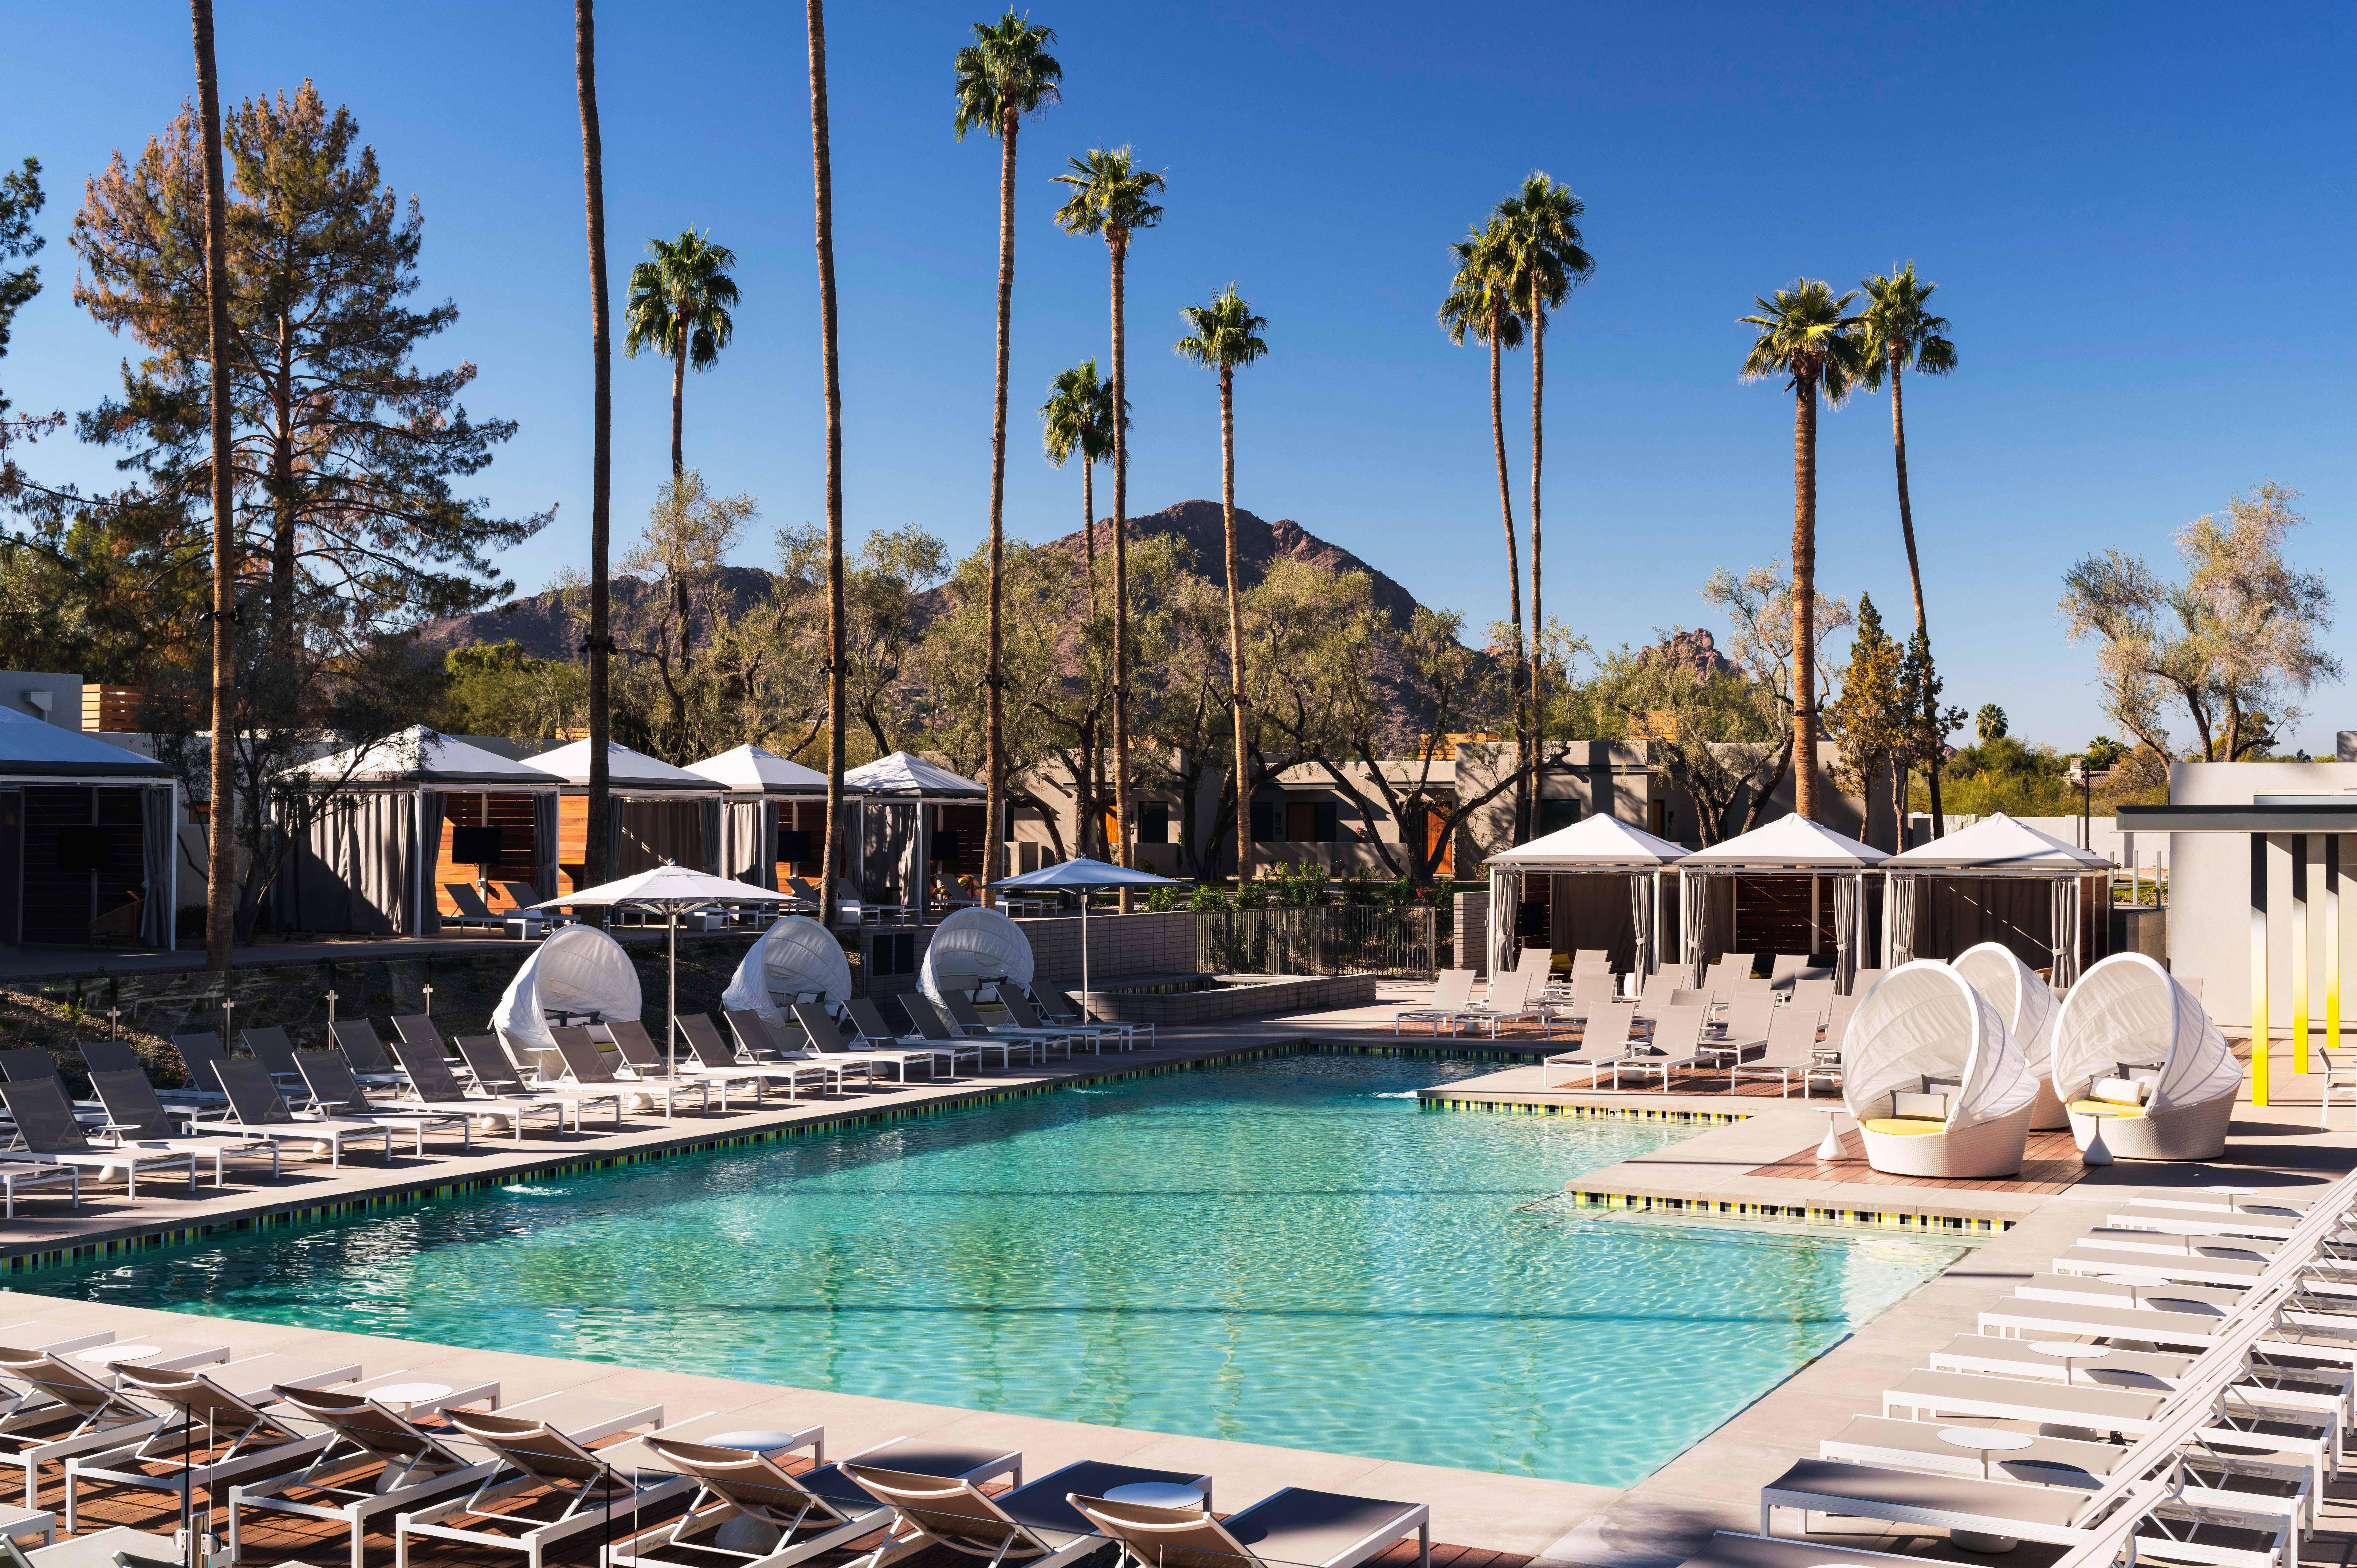 resort pool lounge